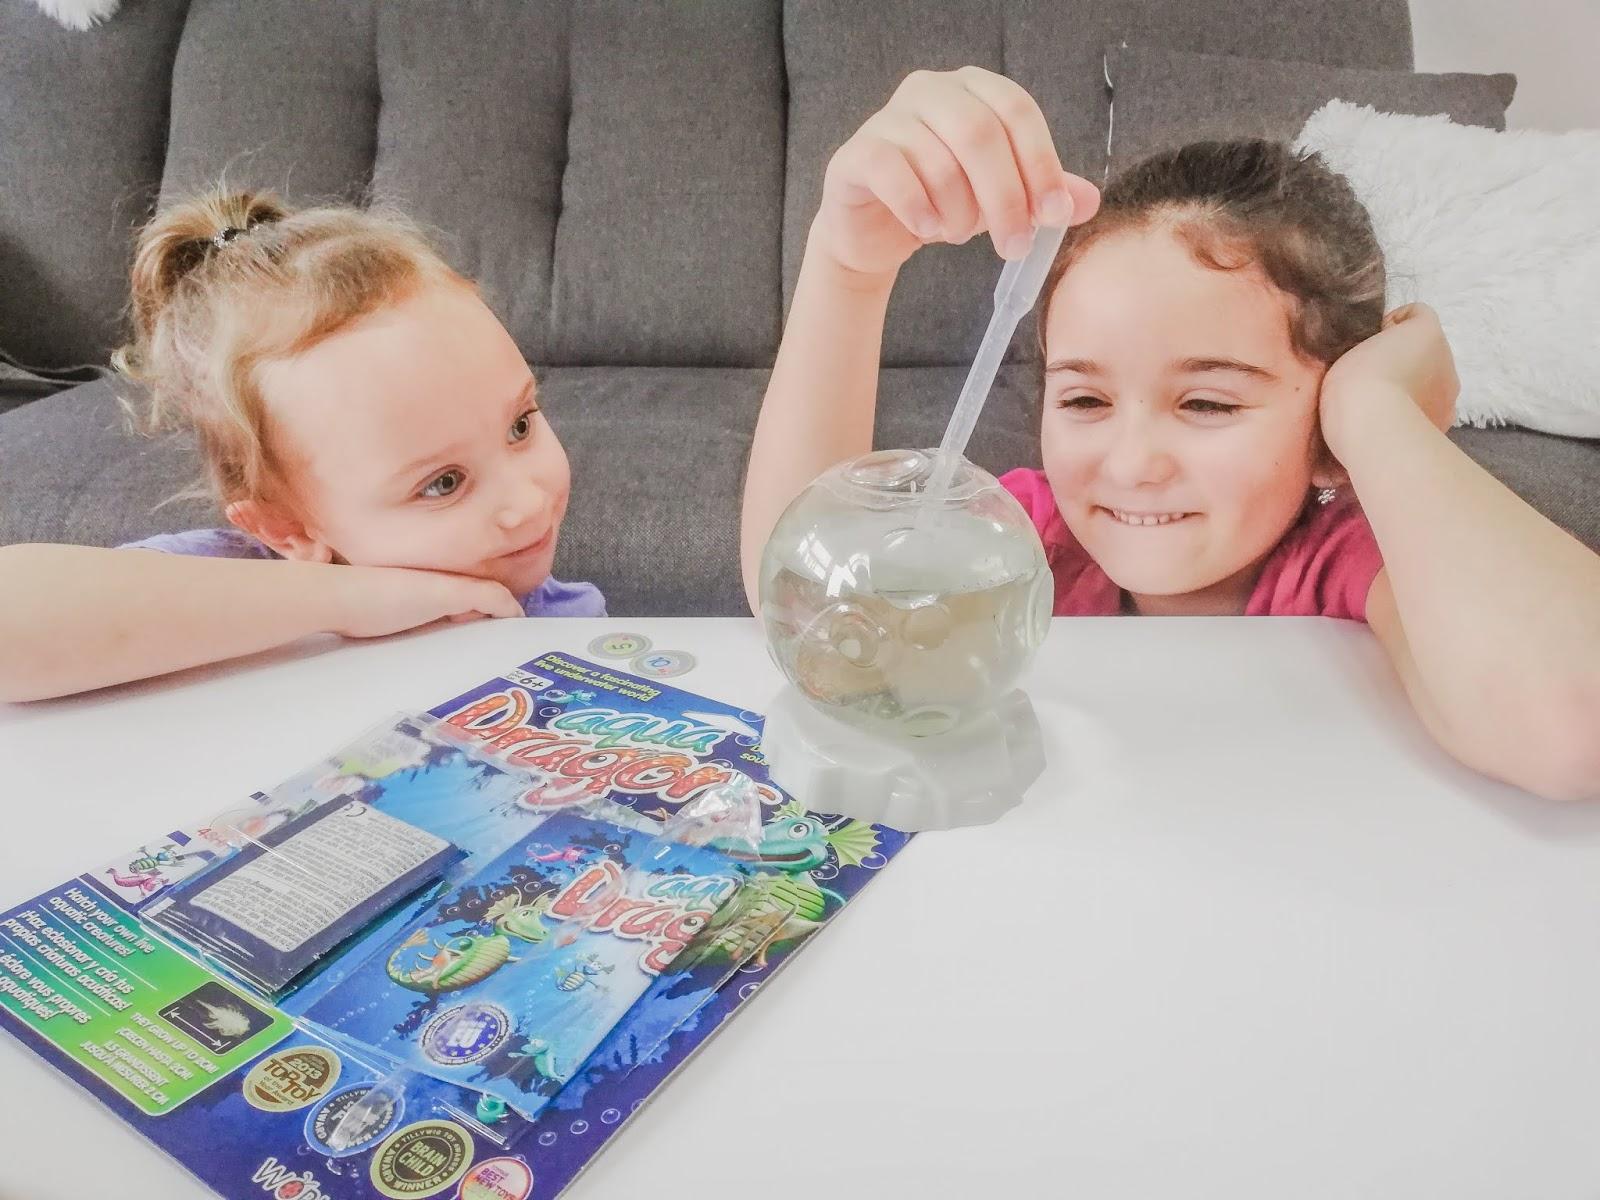 Pomysł na prezent Mikołajkowy dla dziecka